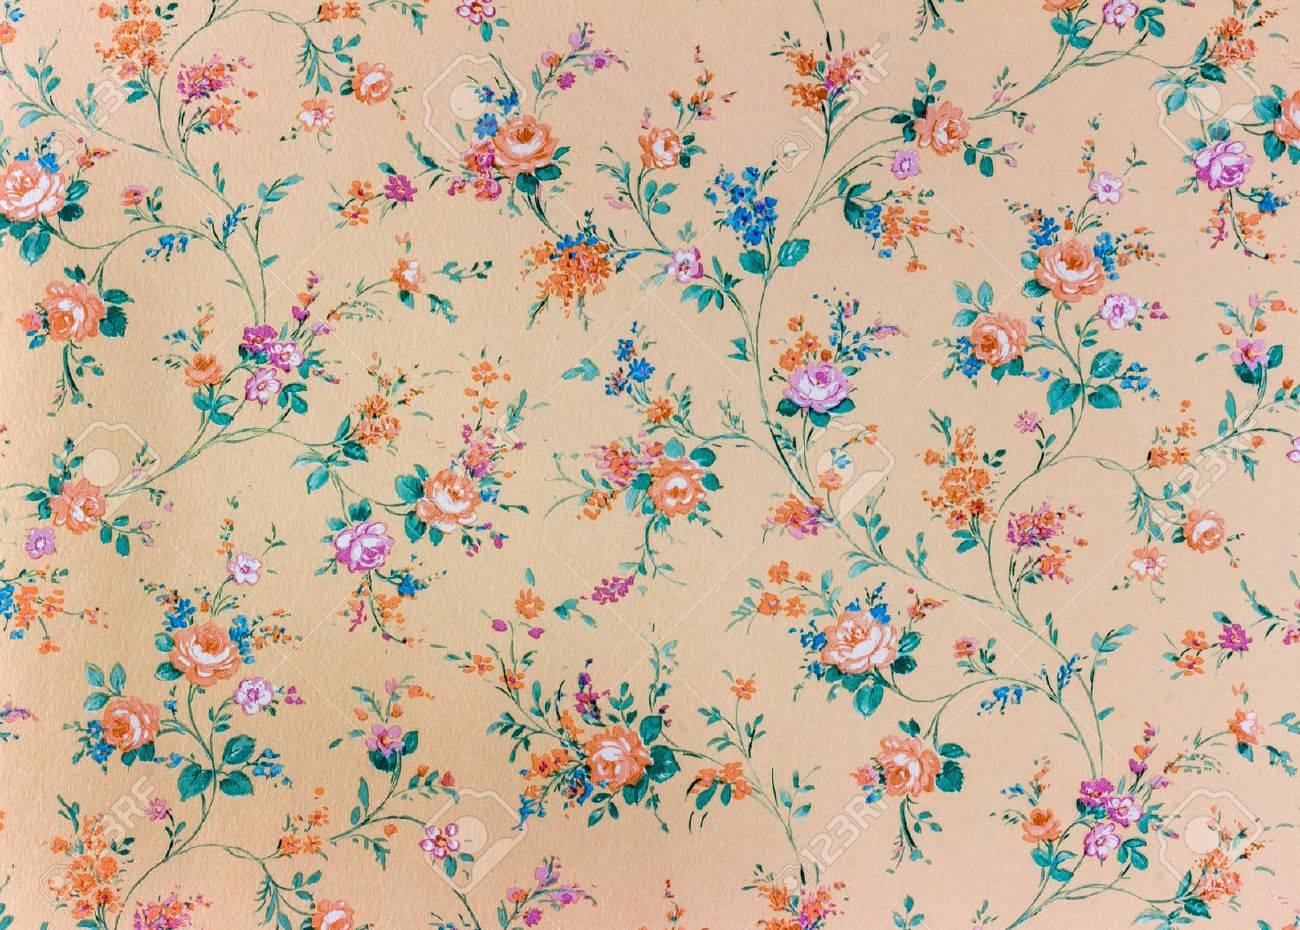 花柄の古いレトロな壁紙 の写真素材 画像素材 Image 30263292